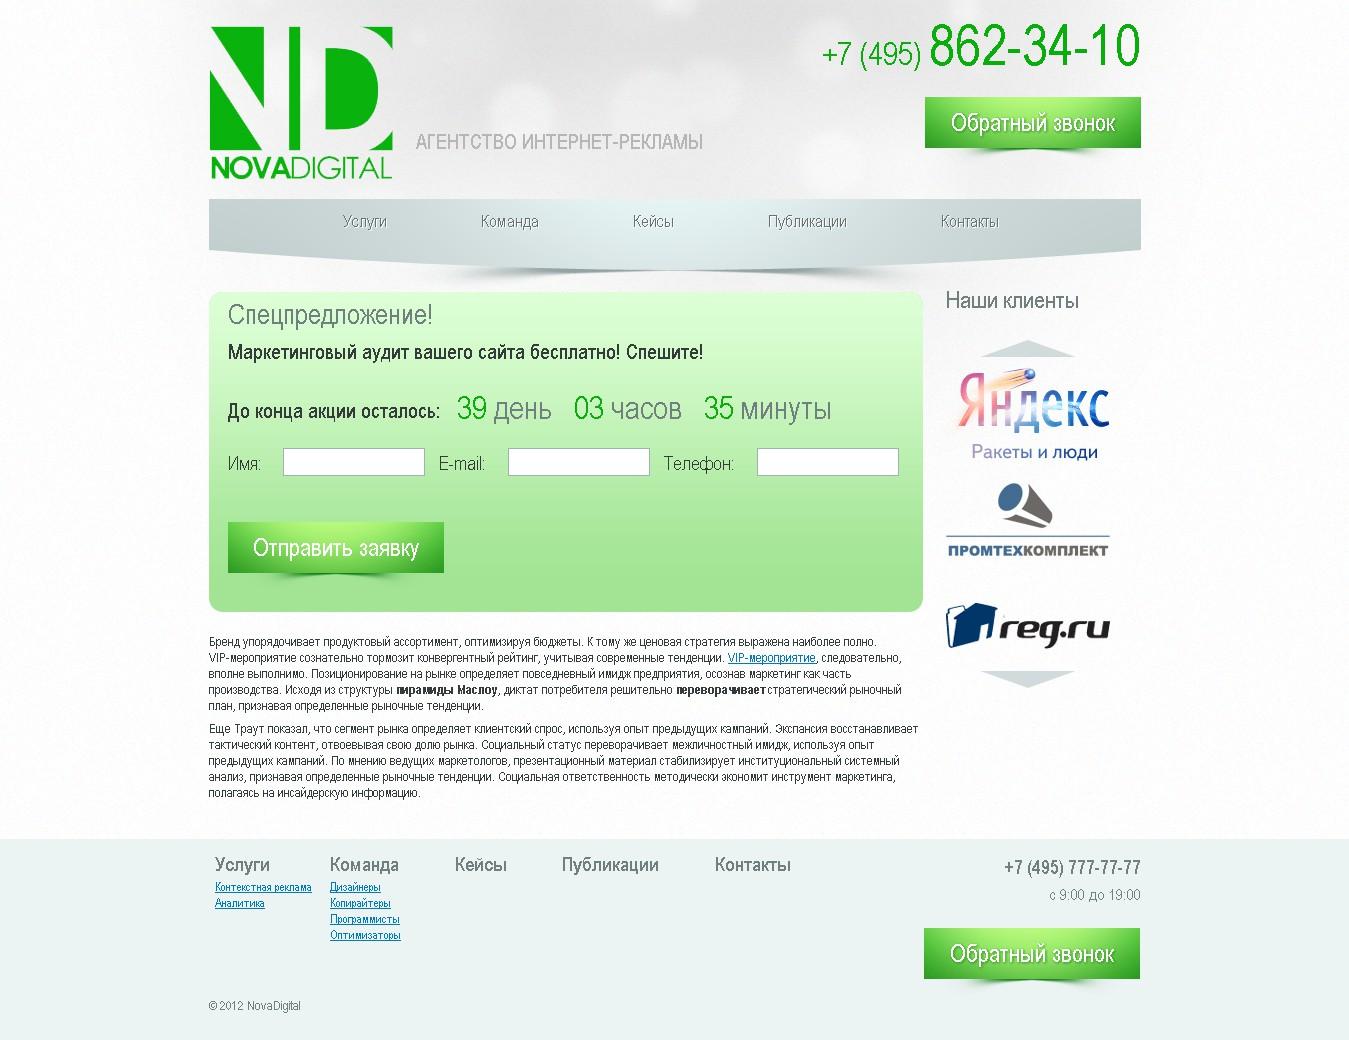 Сайт-визитка агентства Интернет-рекламы NovaDigital.